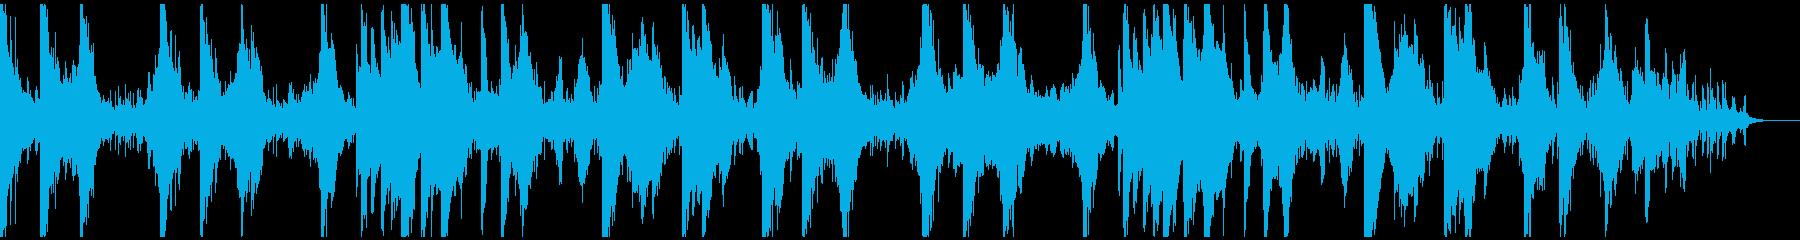 美しくノスタルジックなピアノアンビエントの再生済みの波形